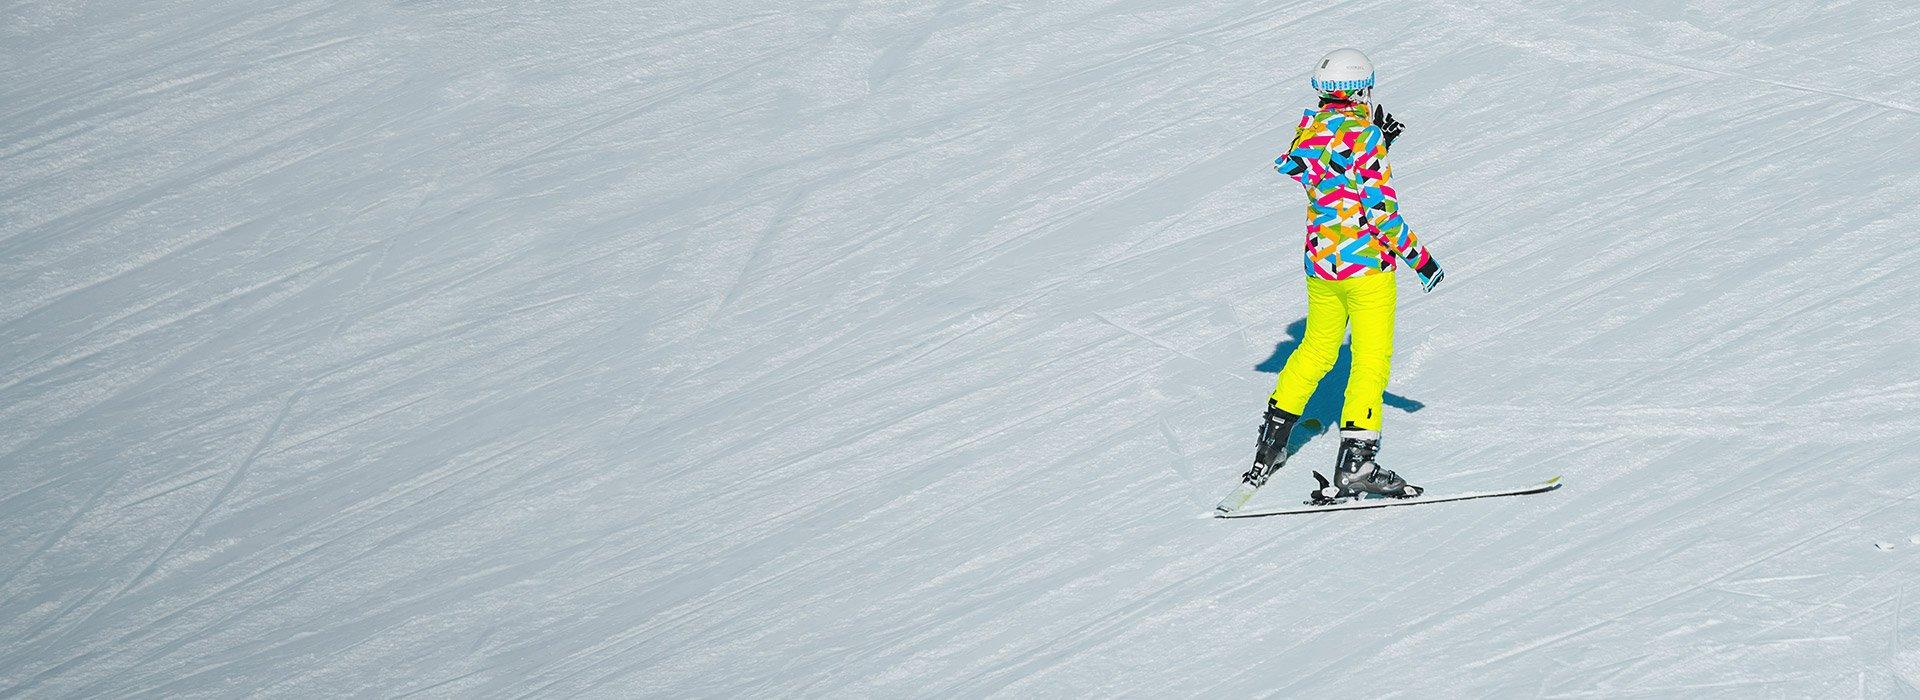 Горы, лыжи, доски